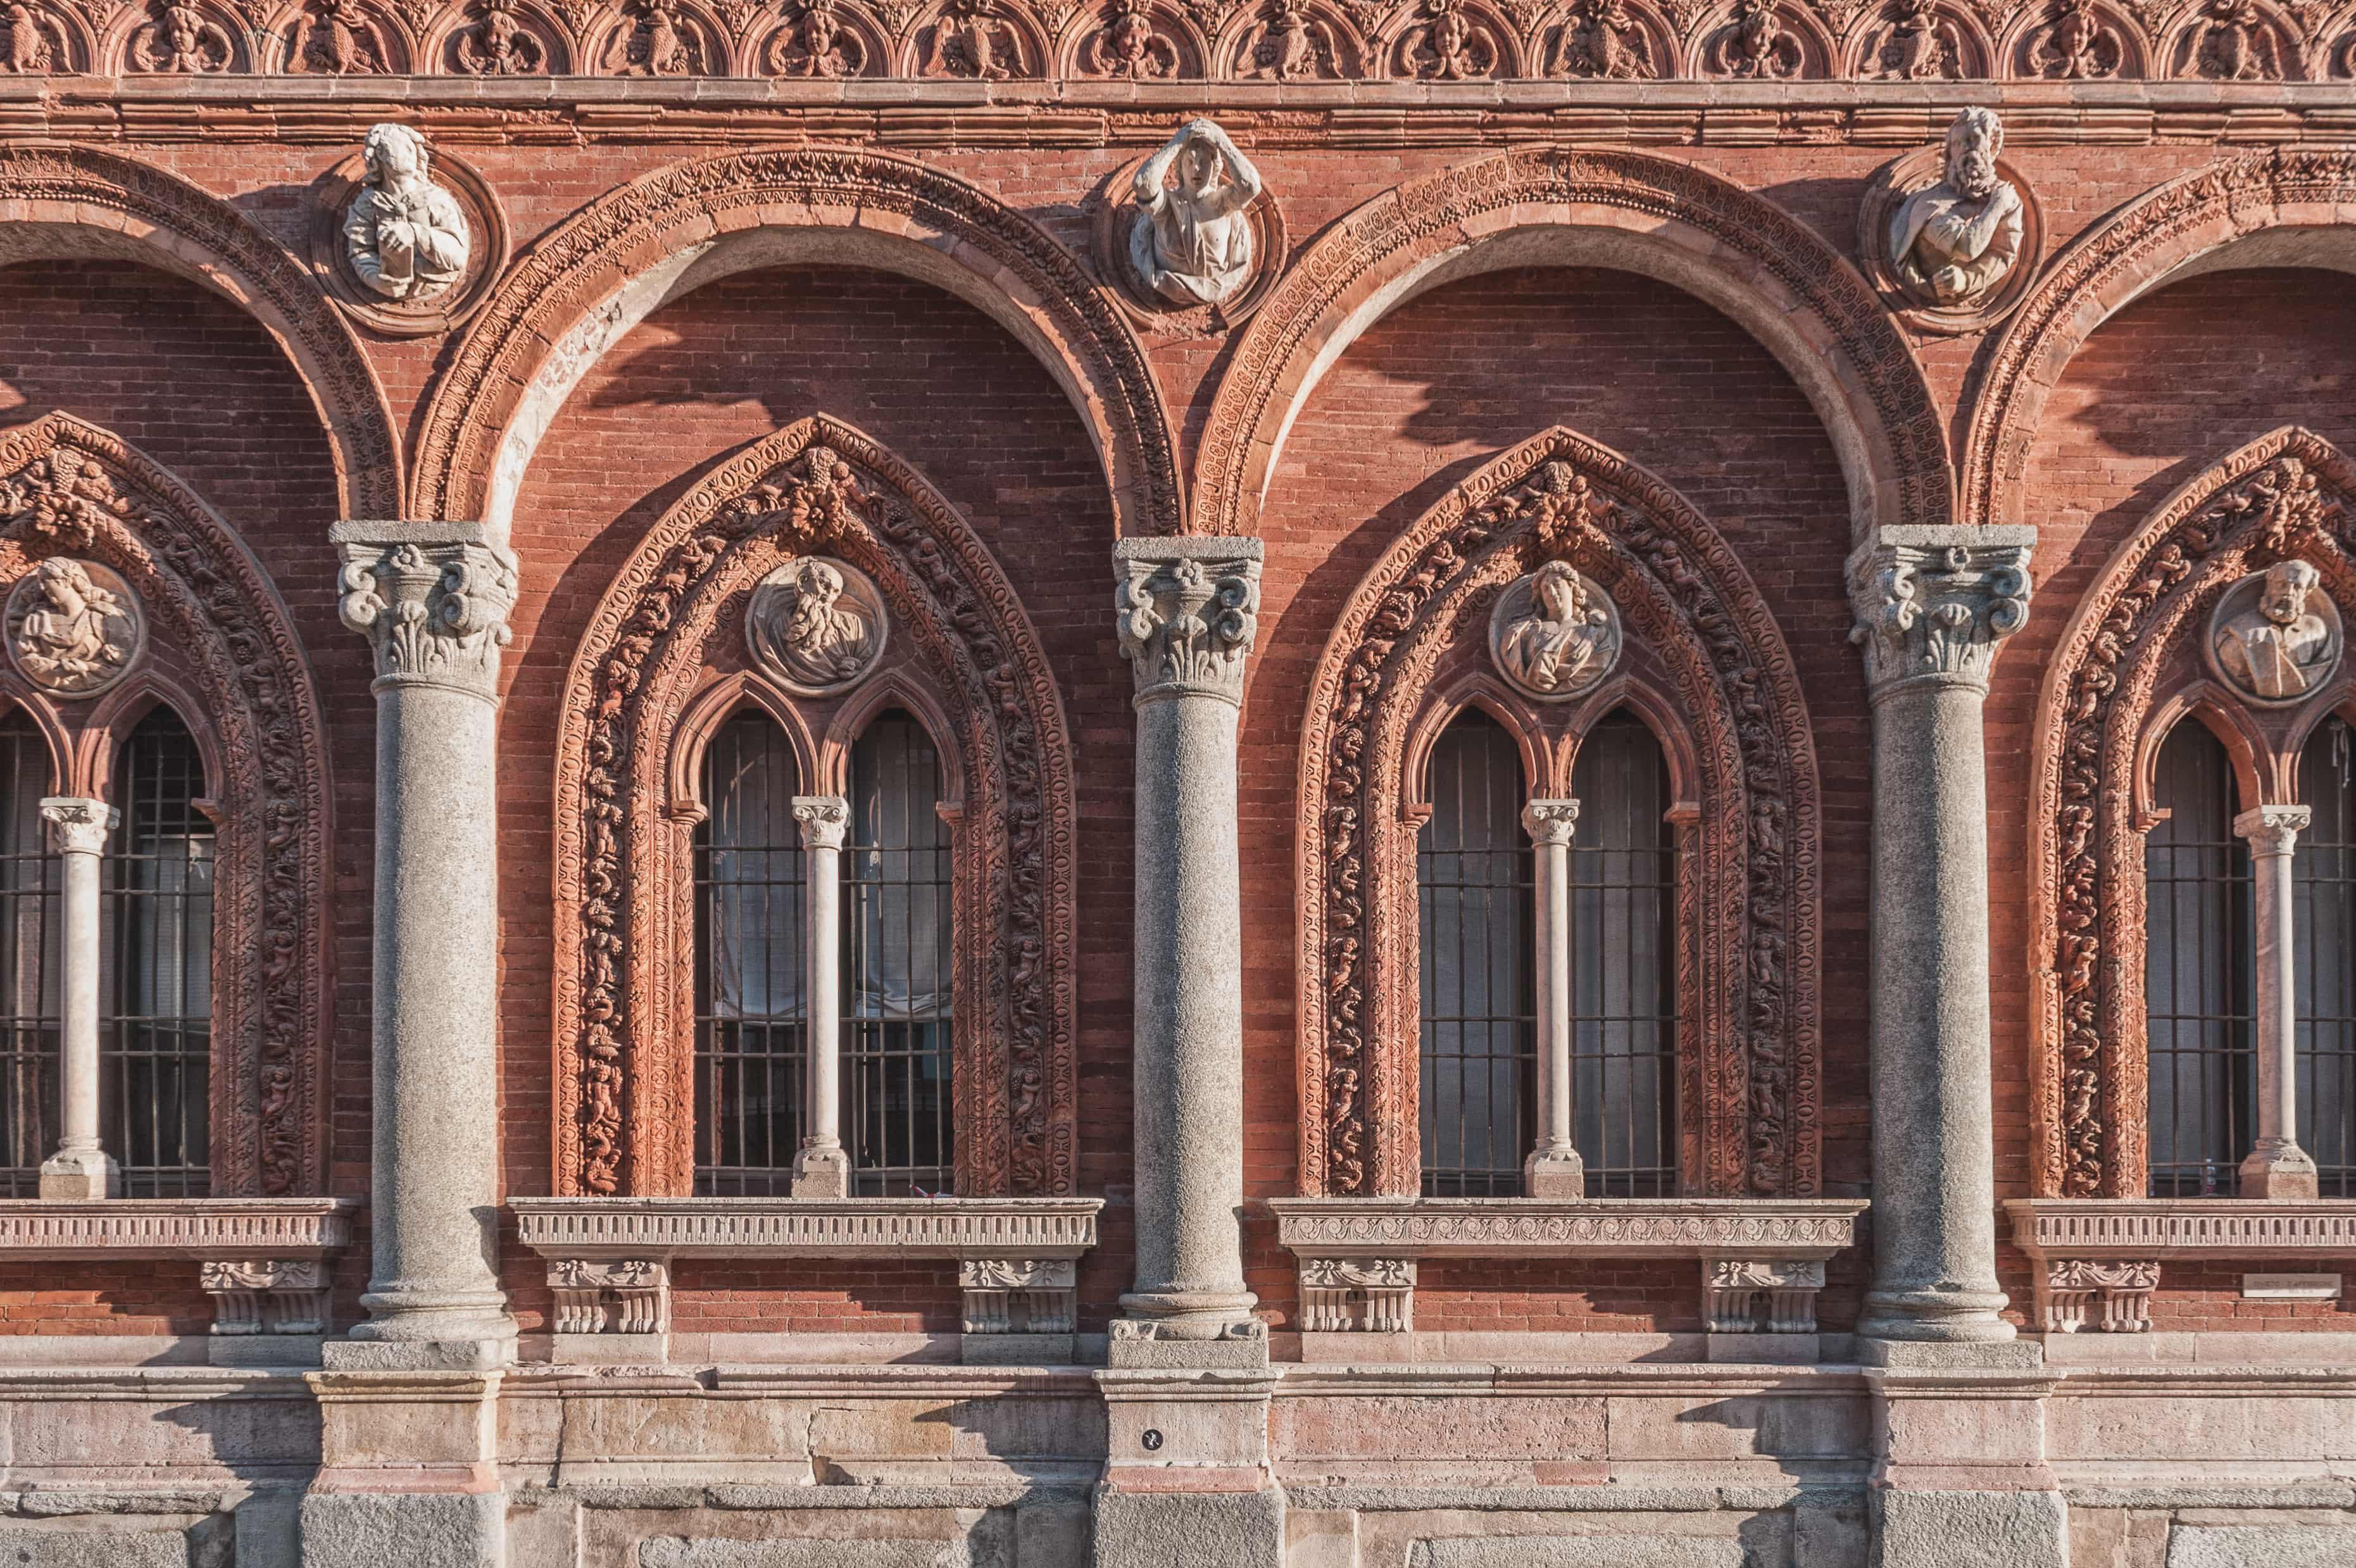 LE STRADE DI MILANO Il blog su Milano per esploratori urbani. Amiamo catturare i cambiamenti di Milano e andiamo alla ricerca di negozi, ristoranti e locali dove stare bene. Li proviamo e vi raccontiamo le nostre migliori avventure.